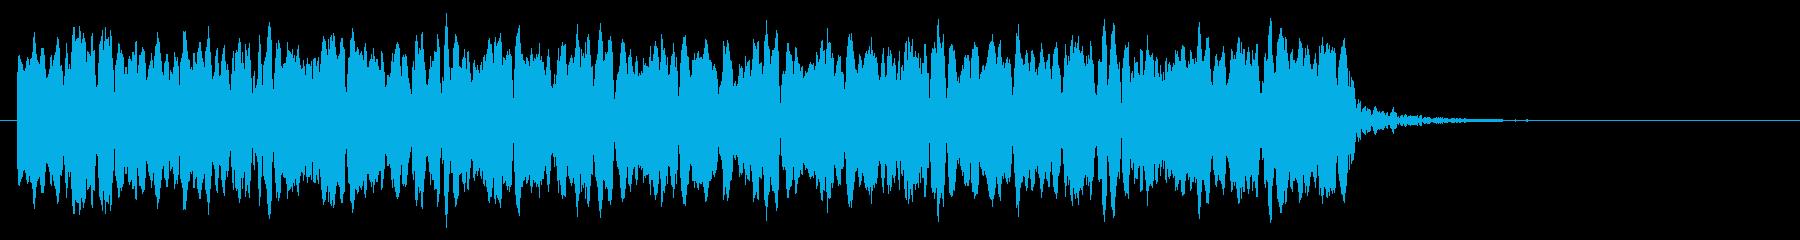 8bitパワーU-D-02-4_revの再生済みの波形